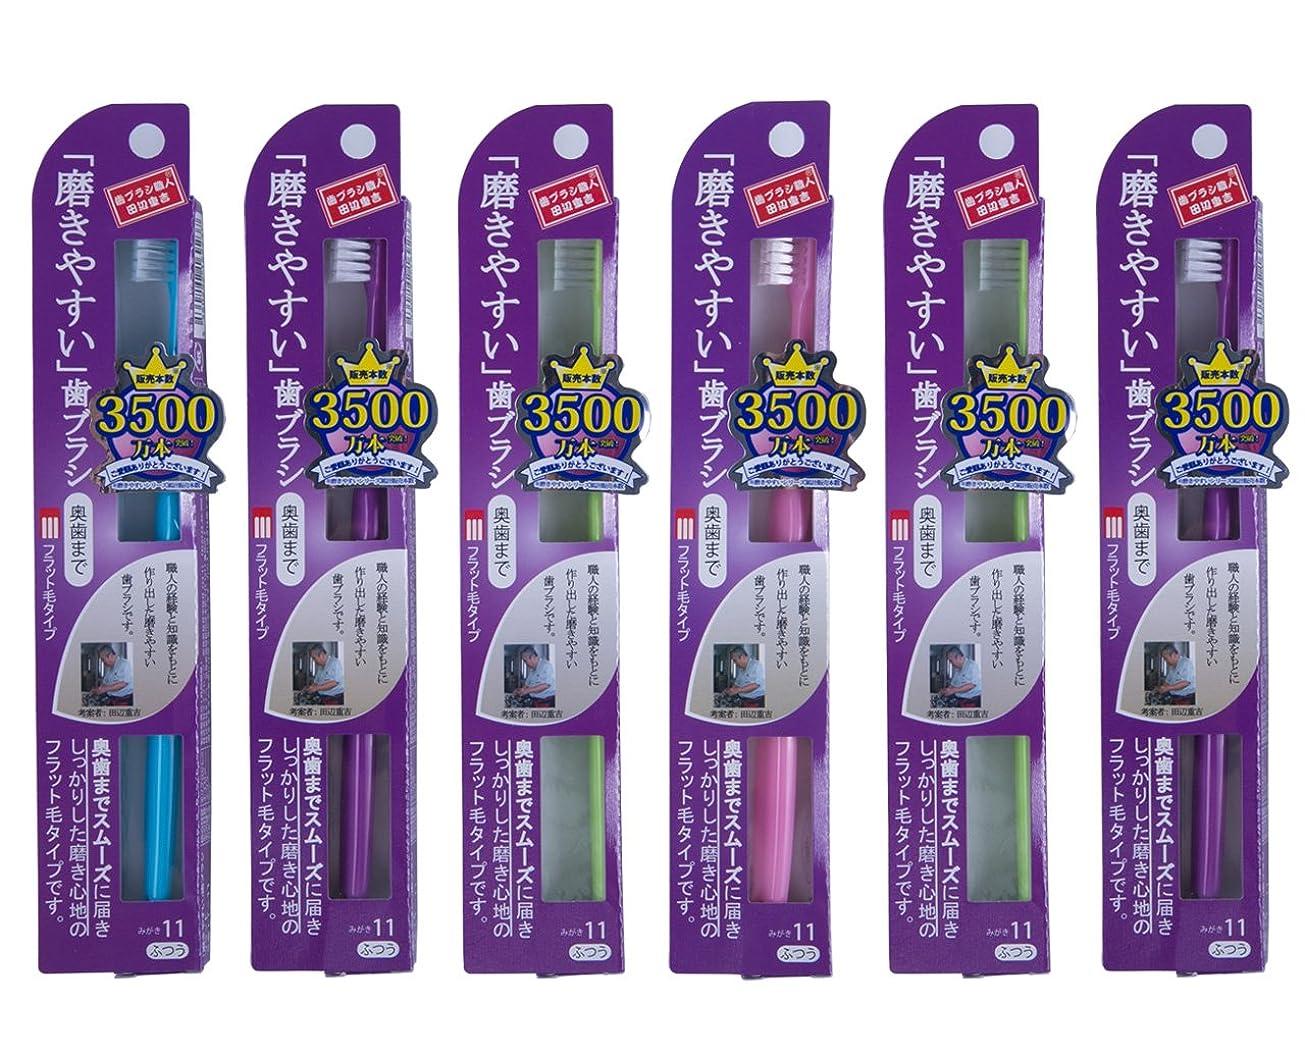 ベルト山酔っ払い歯ブラシ職人田辺重吉 磨きやすい歯ブラシ LT-11 (6本パック)